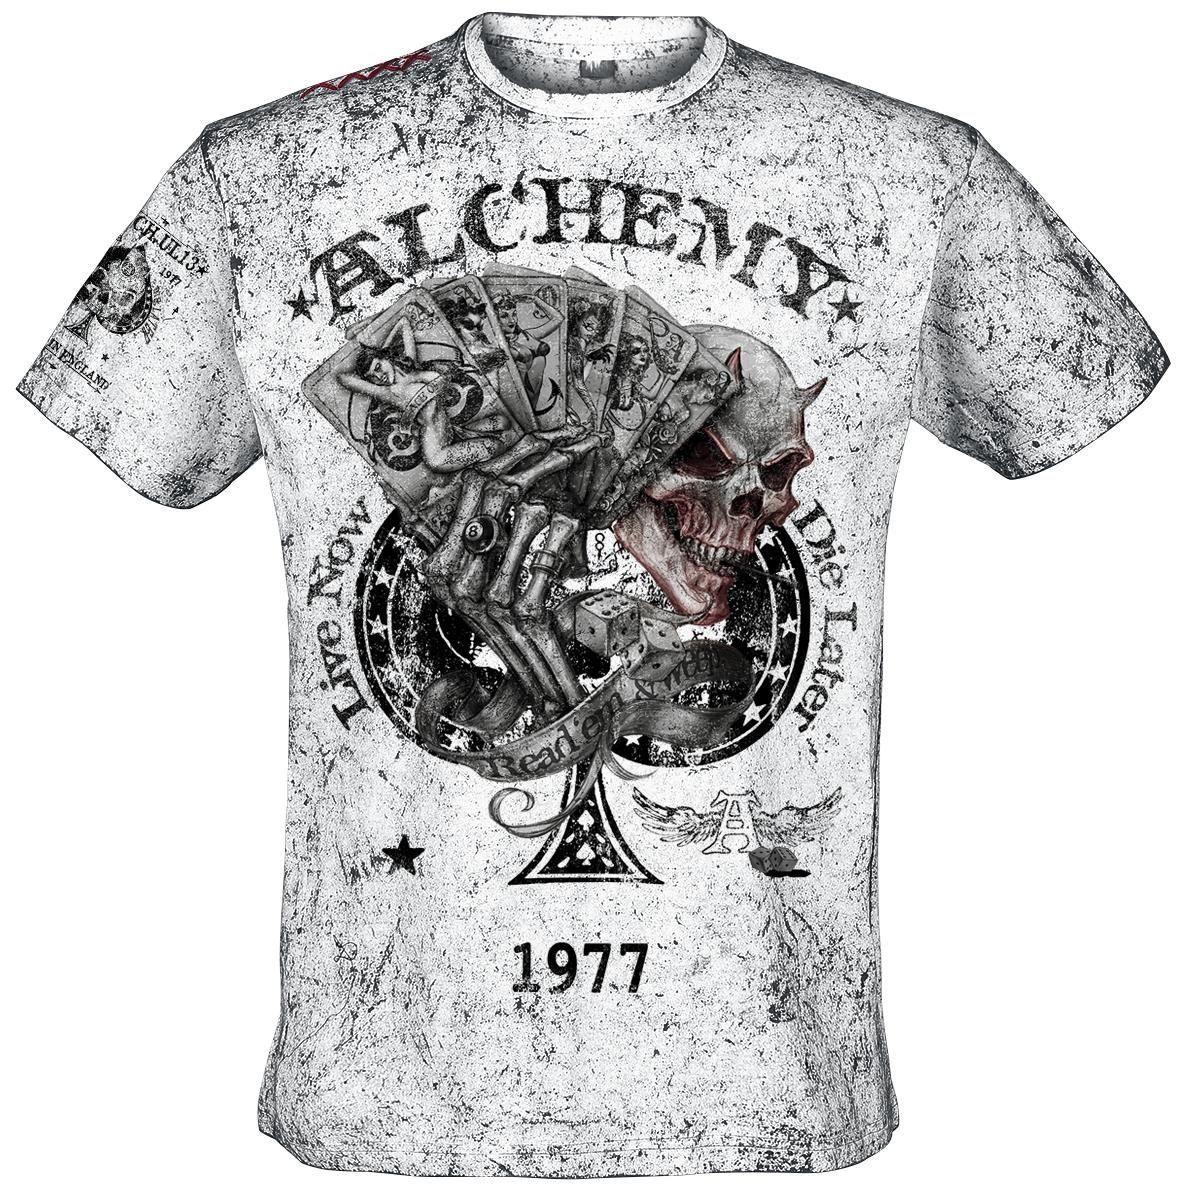 T-Shirt Manches courtes Alchemy England »Read'em and Weep« | Dispo chez EMP | Plus de Manches courtes RockWear sur notre site en ligne ✓ Prix imbattables !